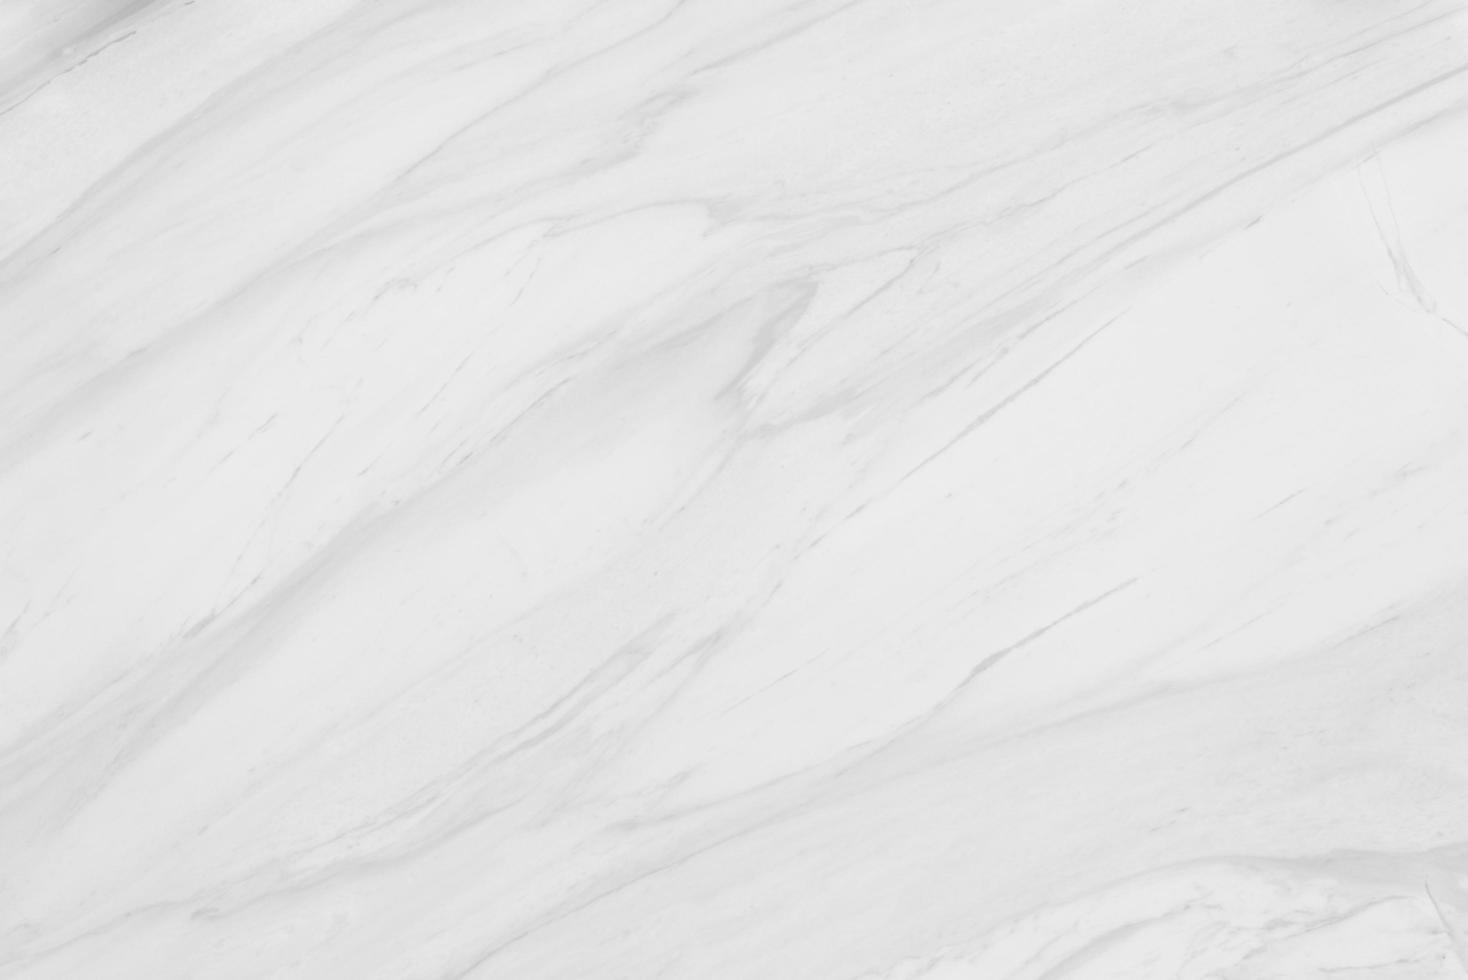 fundo de textura de mármore estampado foto